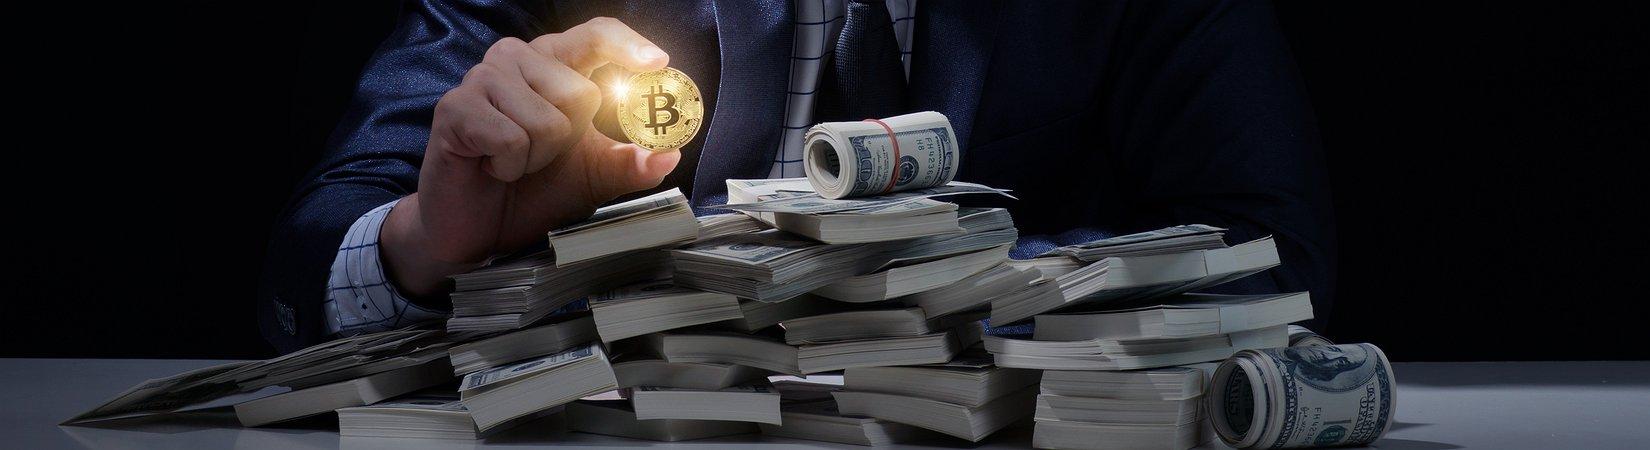 Сколько бы вы заработали, если бы вложили в биткоин $100 тогда и сейчас